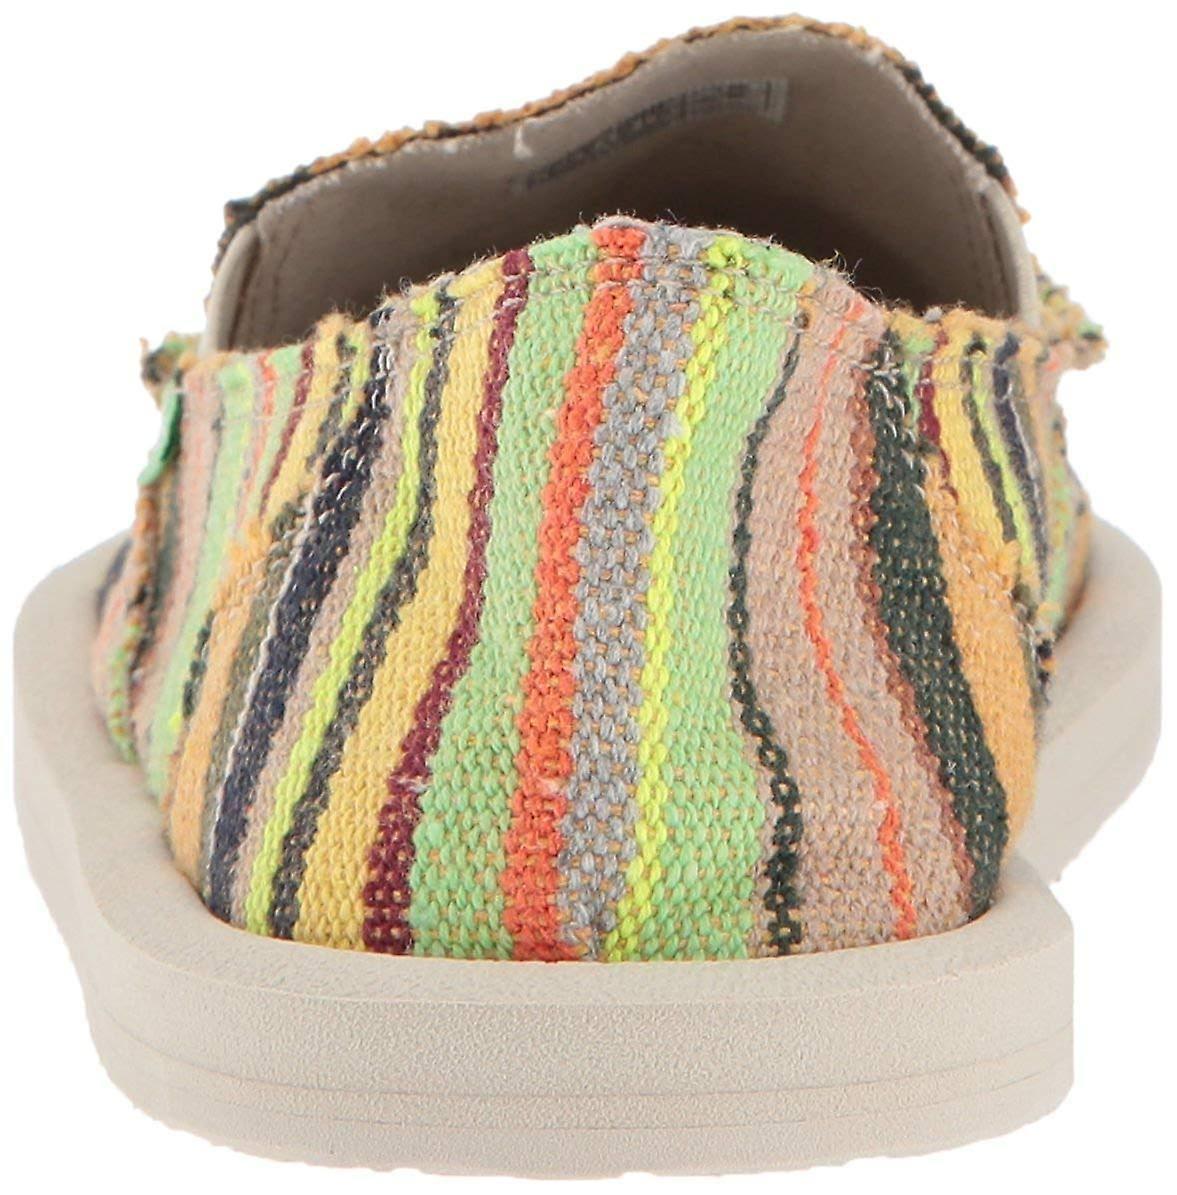 Flat Donna 5 Us3 Deken Loafer Multicolor Kauai Sanuk Vk lKJ1Fc